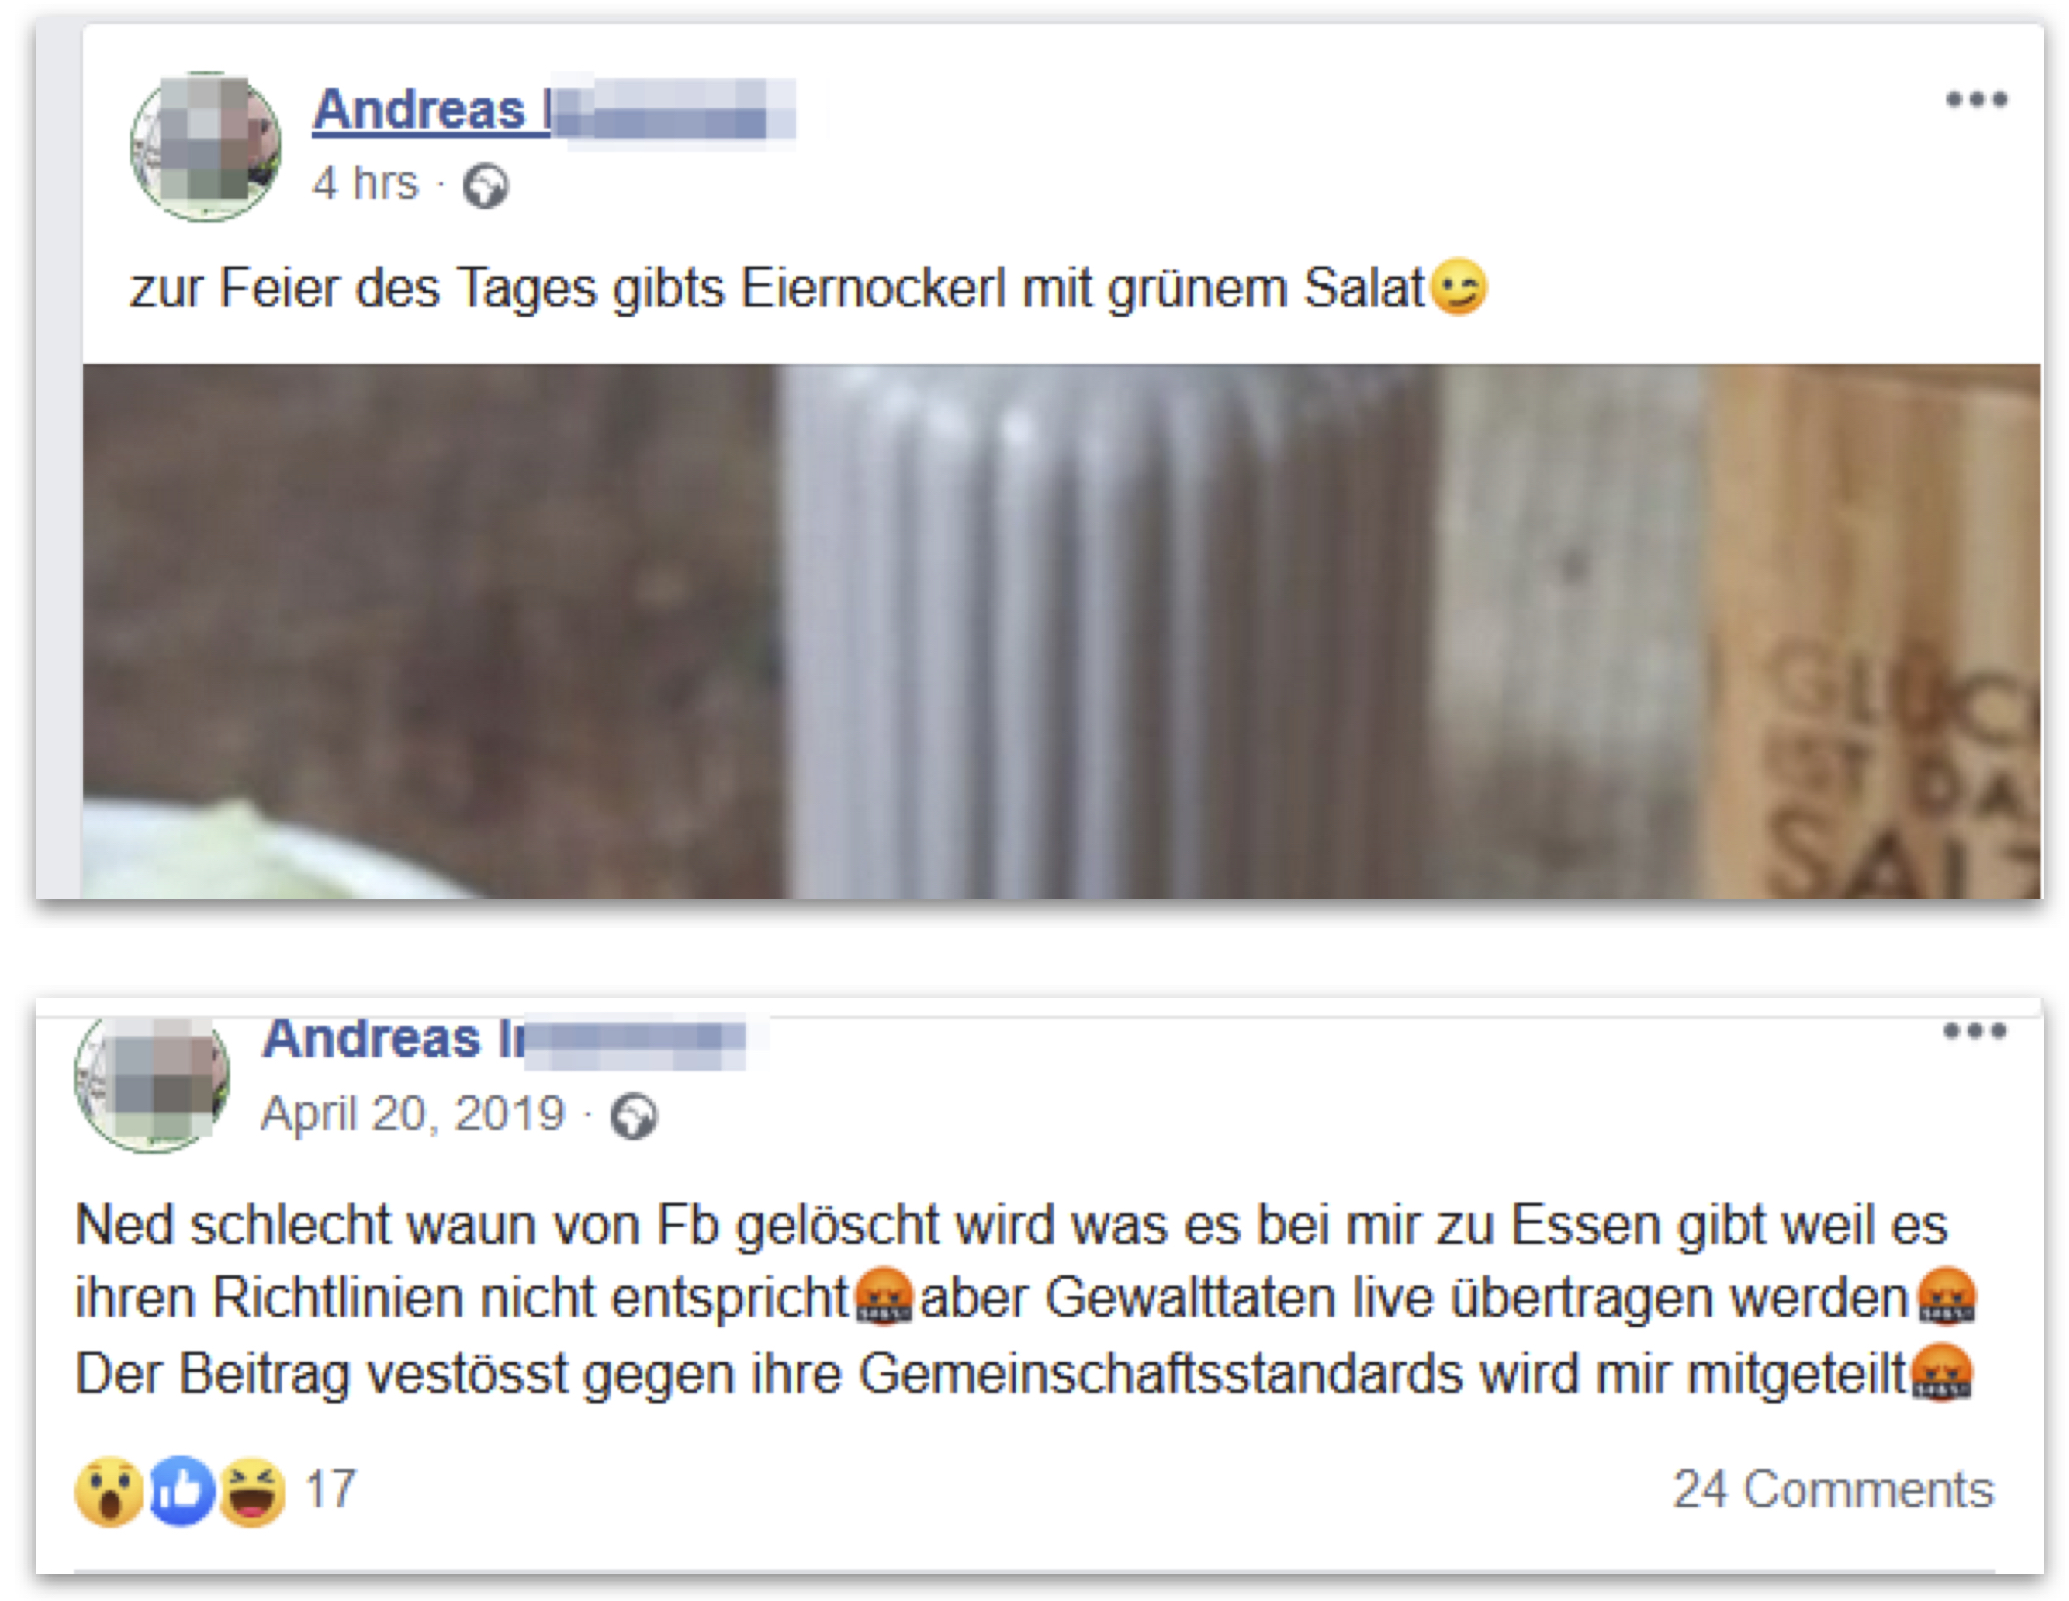 Andreas I. Eiernockerl 2019 und 2020: Eiernockerl 2019 von FB gelöscht